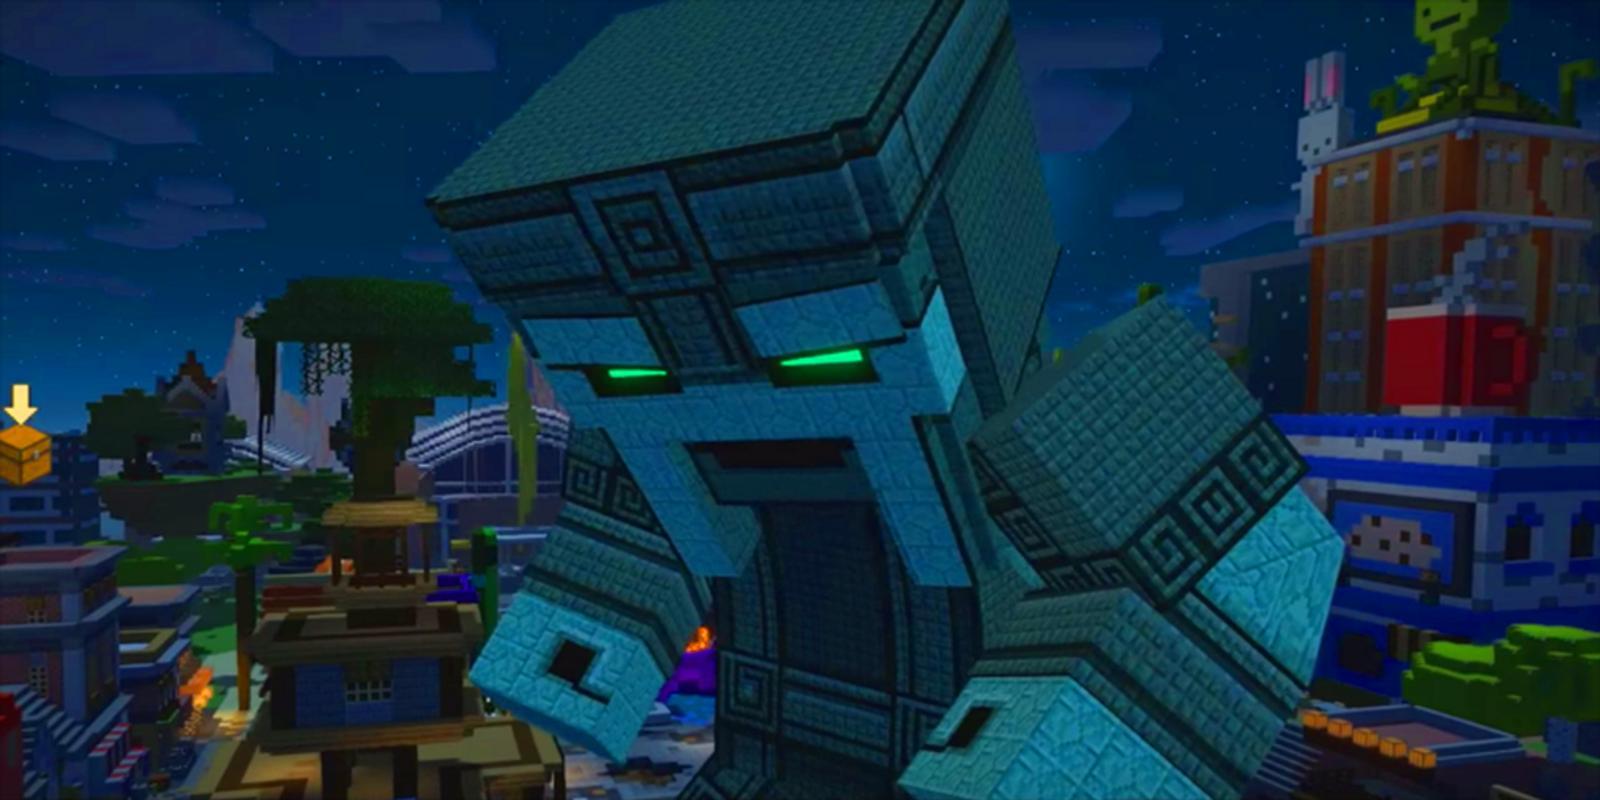 Minecraft Story Mode Mod Apk Apptoko - Muat Turun j